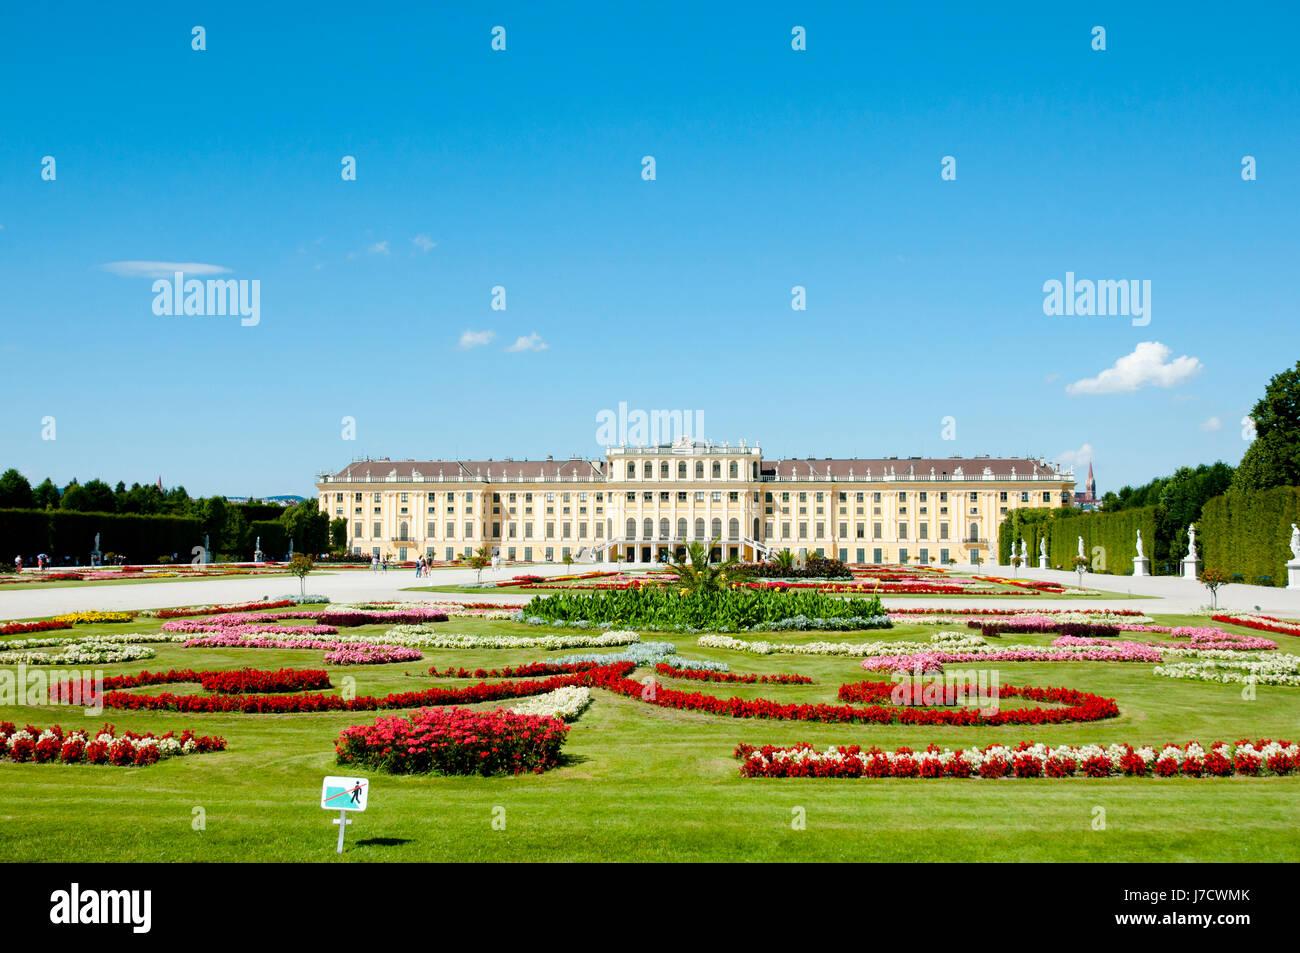 Palais Schönbrunn - Vienne - Autriche Photo Stock